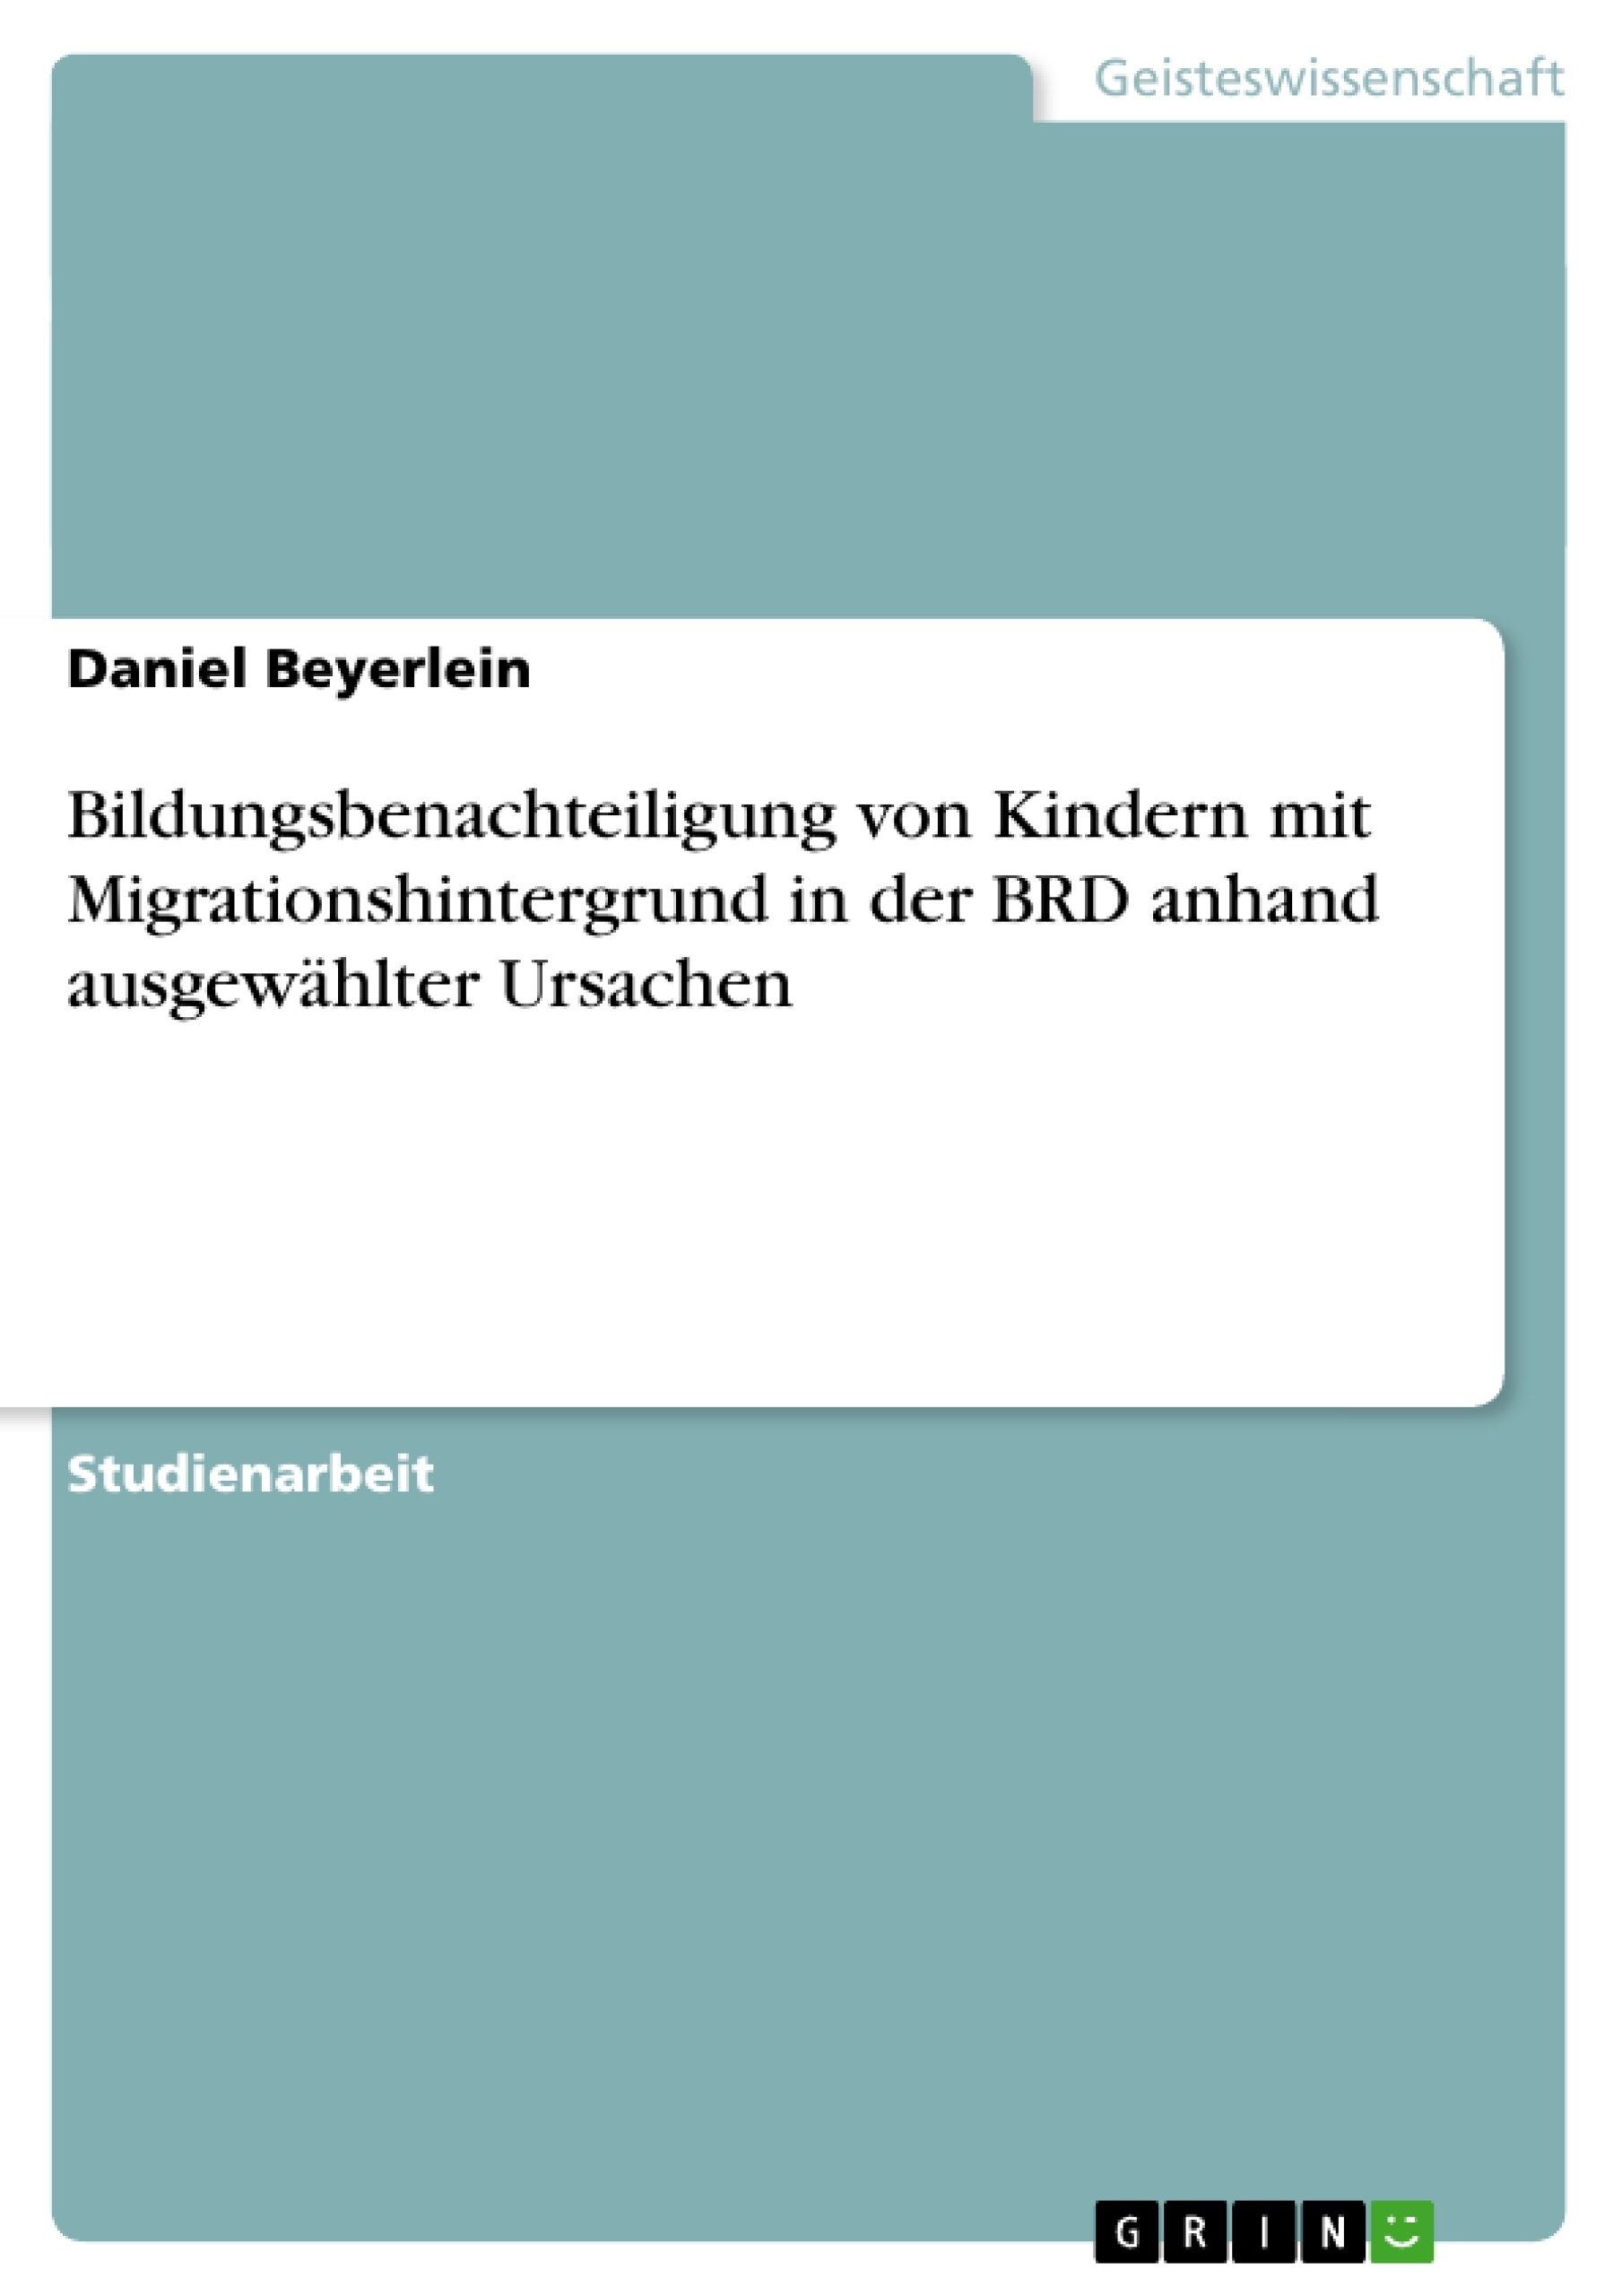 Titel: Bildungsbenachteiligung von Kindern mit Migrationshintergrund in der BRD anhand ausgewählter Ursachen